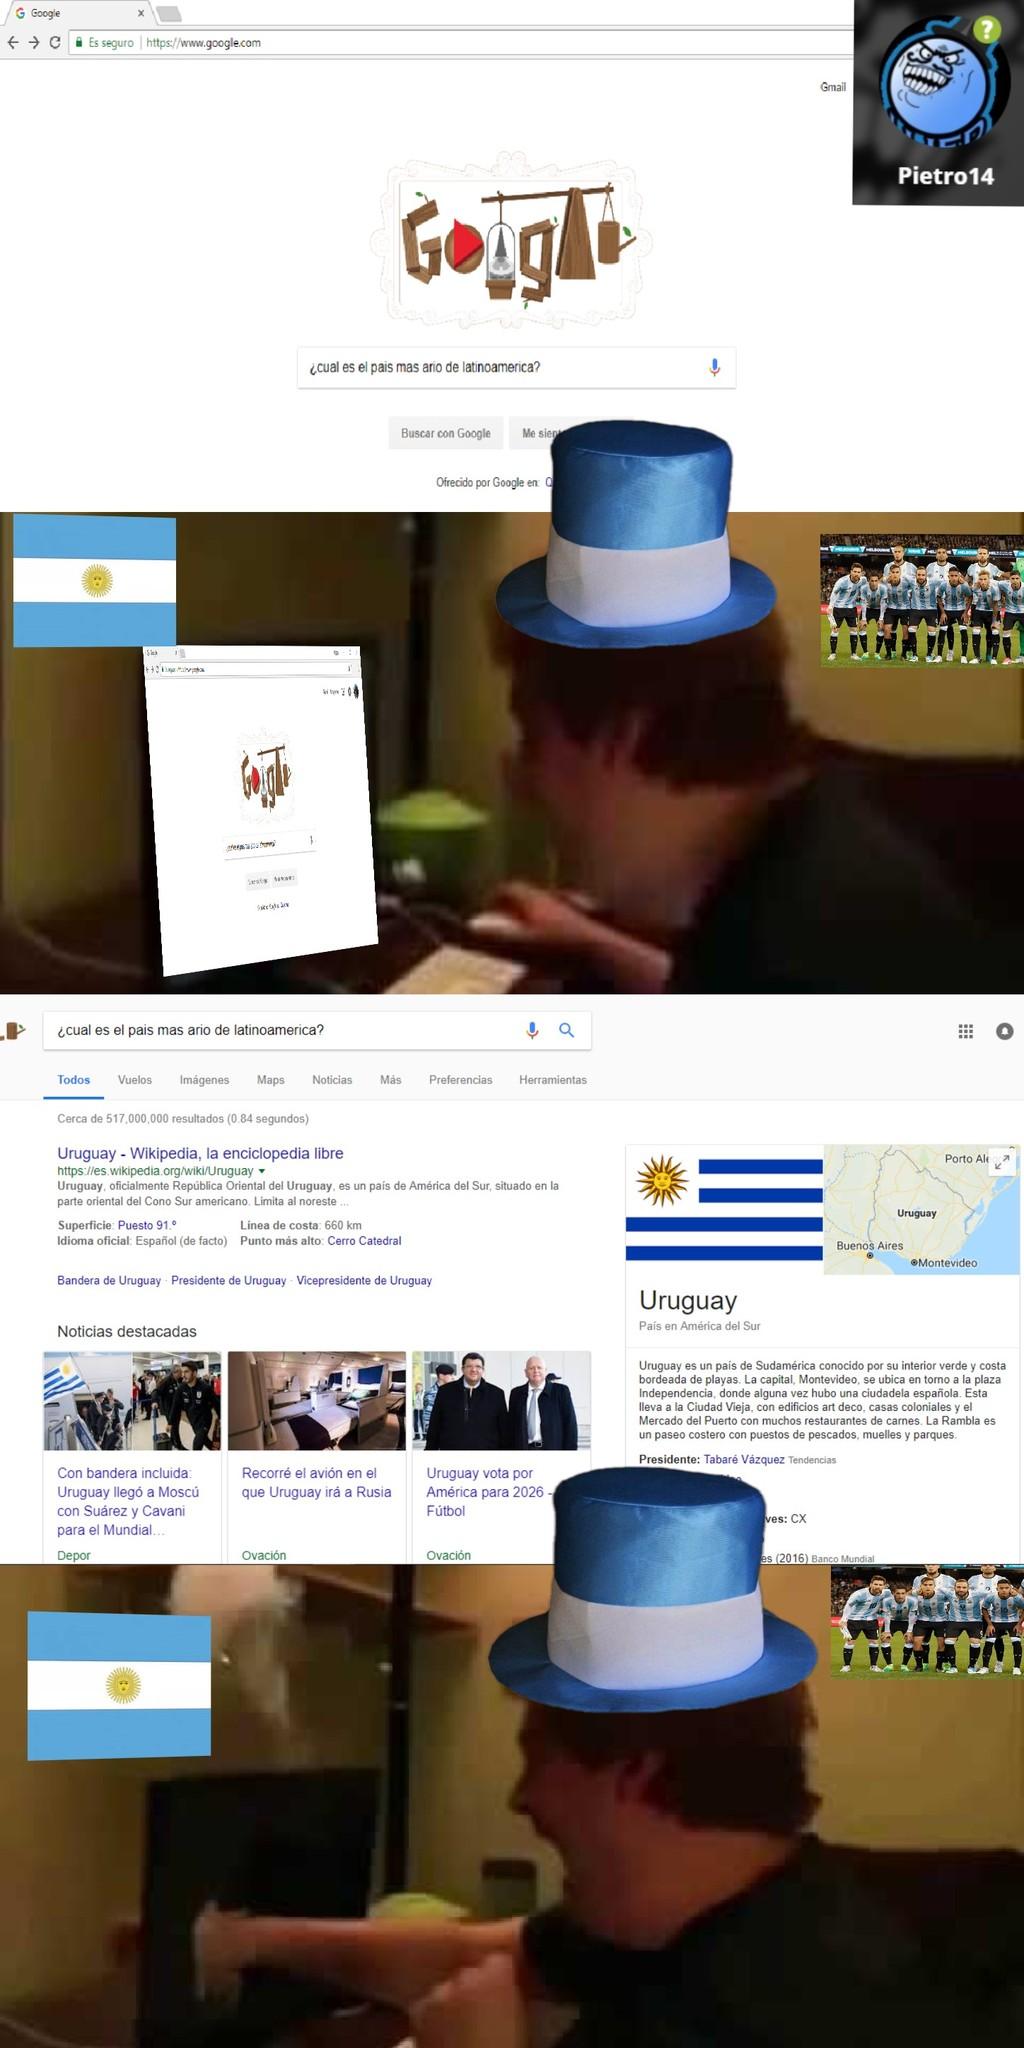 quiero invocar al adolf hitler argentino - meme